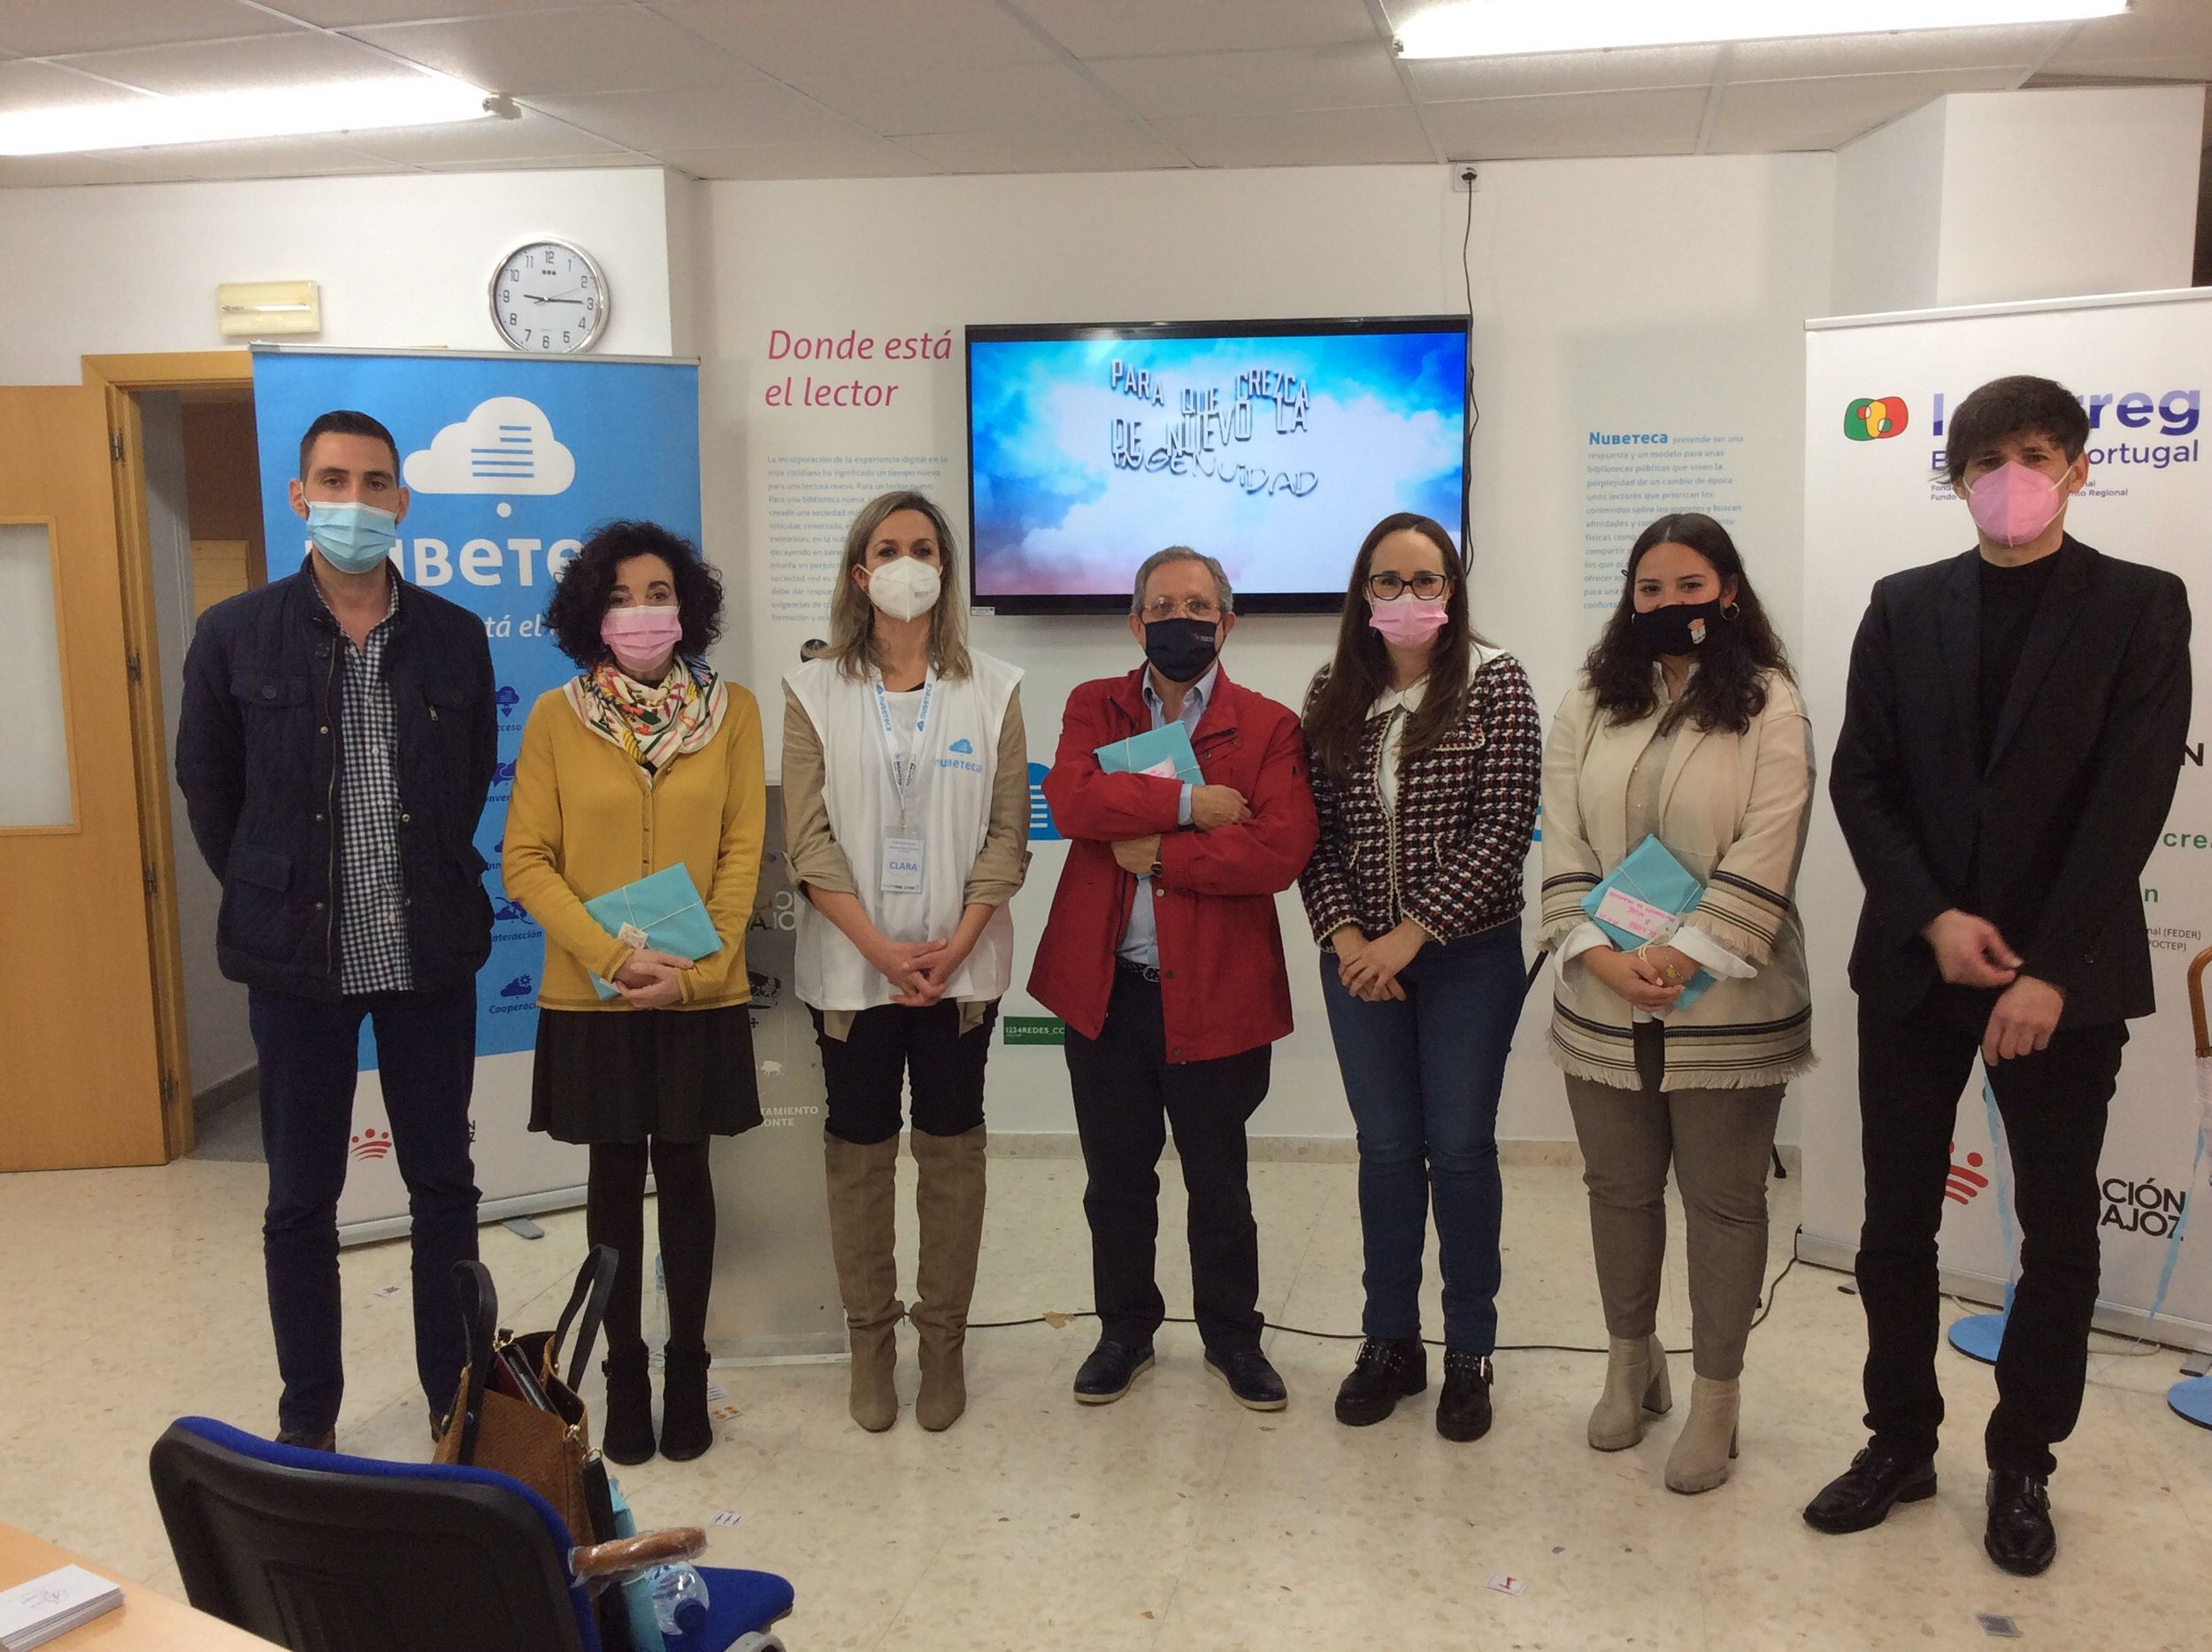 Imagen de la noticia: Se ha inaugurado el decimocuarto Espacio Nubeteca  ...